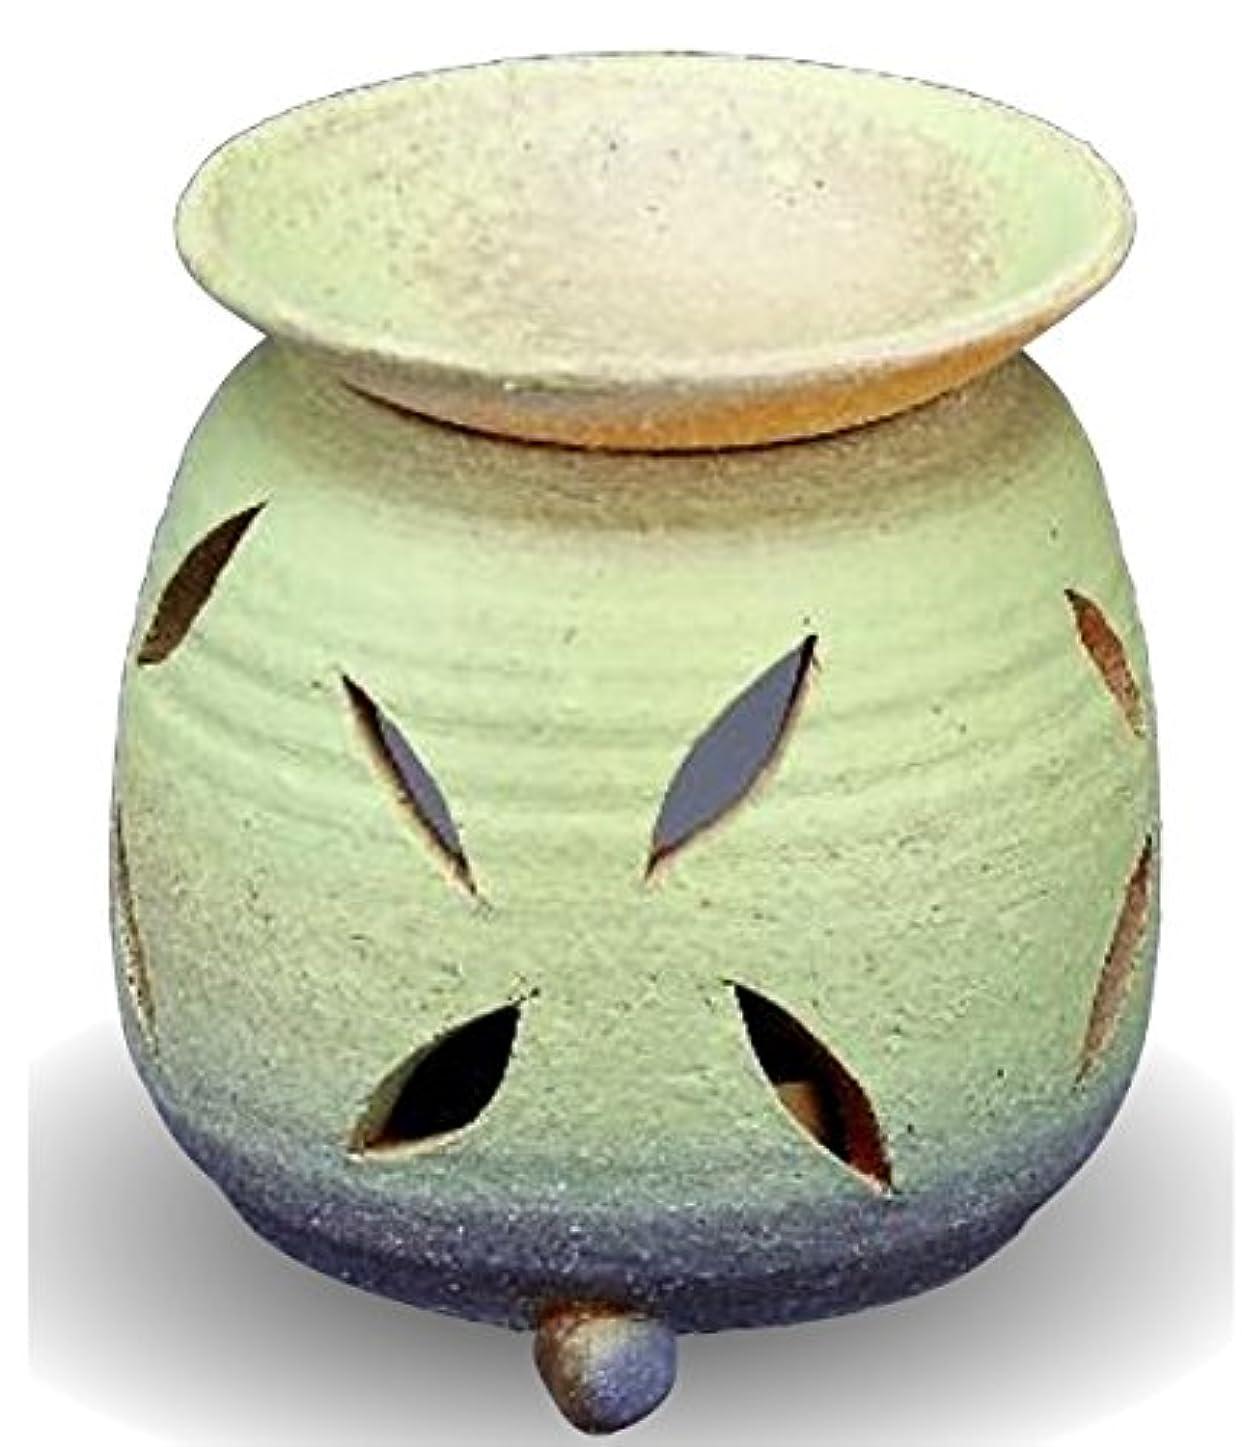 失礼な退屈させるクラッシュ常滑焼 茶香炉(アロマポット)径10×高さ11.5cm